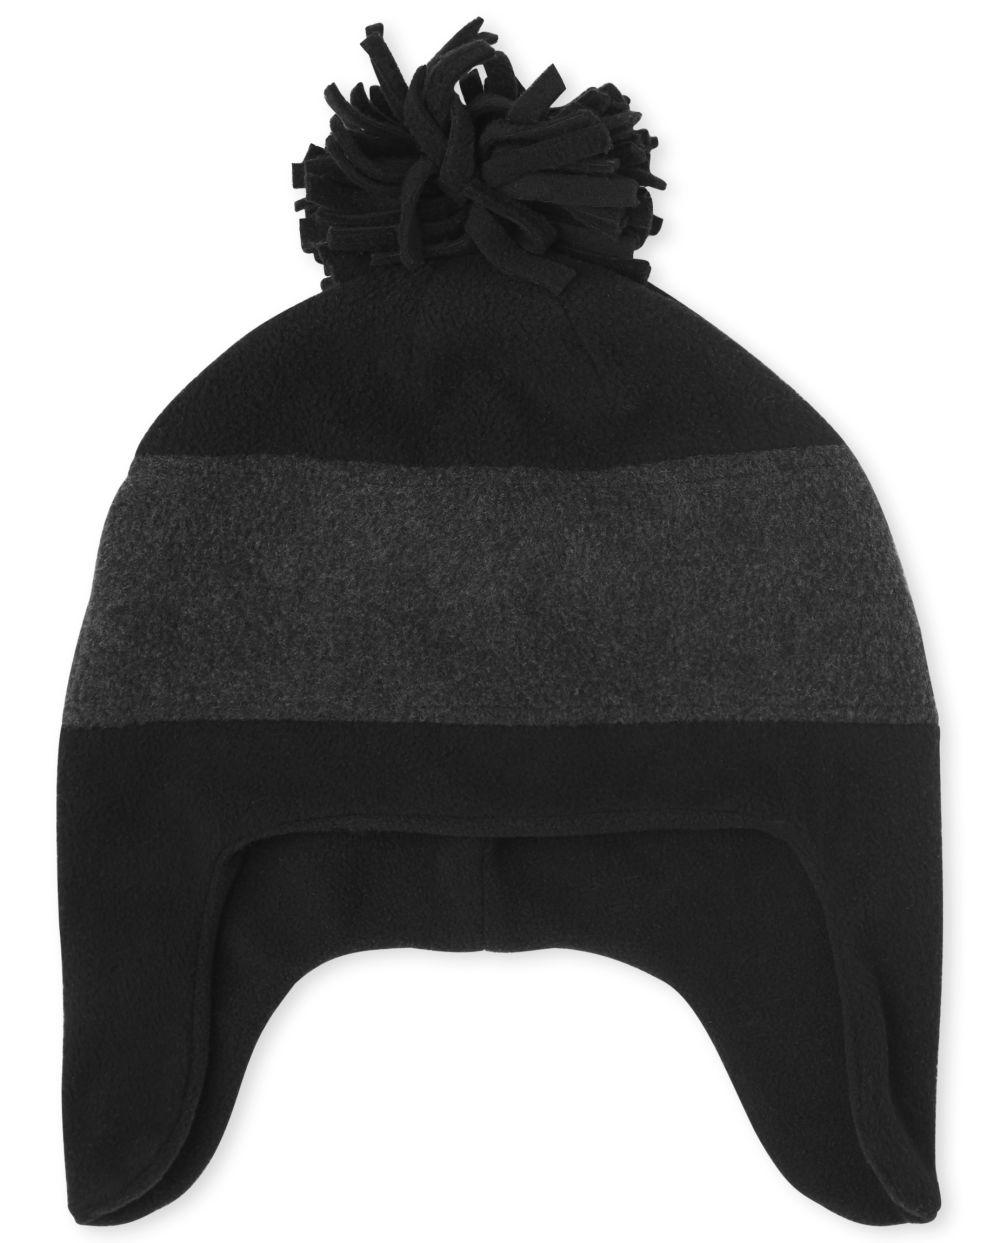 Boys Colorblock Glacier Fleece Hat - Black